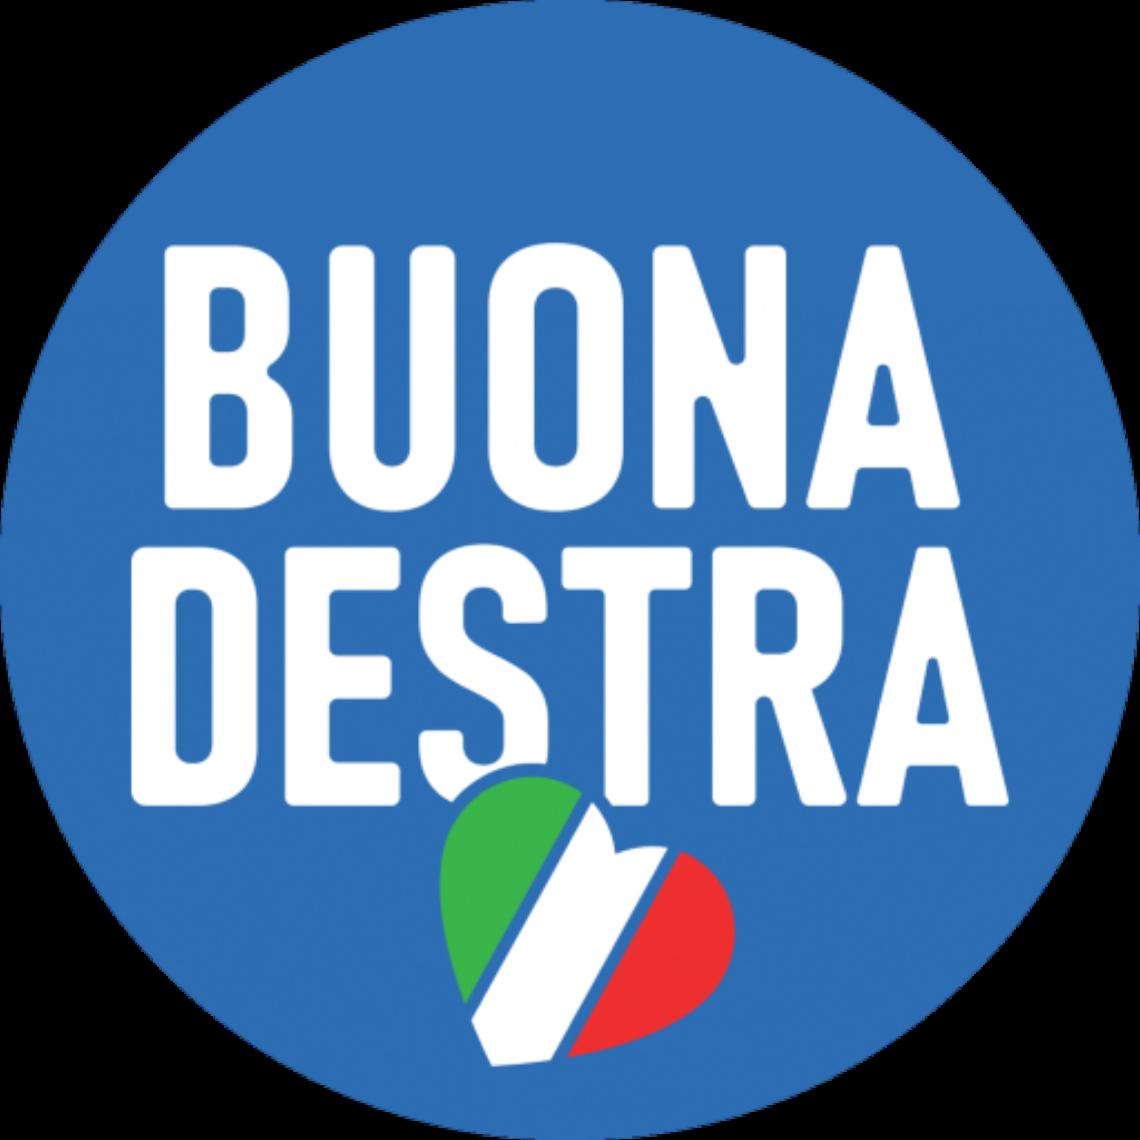 di Fabrizio Fratini Chi sceglie il progetto politico Buona Destra va oltre. Rispetto alle urla e ai personalismi della politica, noi crediamo in una vera rivoluzione culturale della politica. Una […]